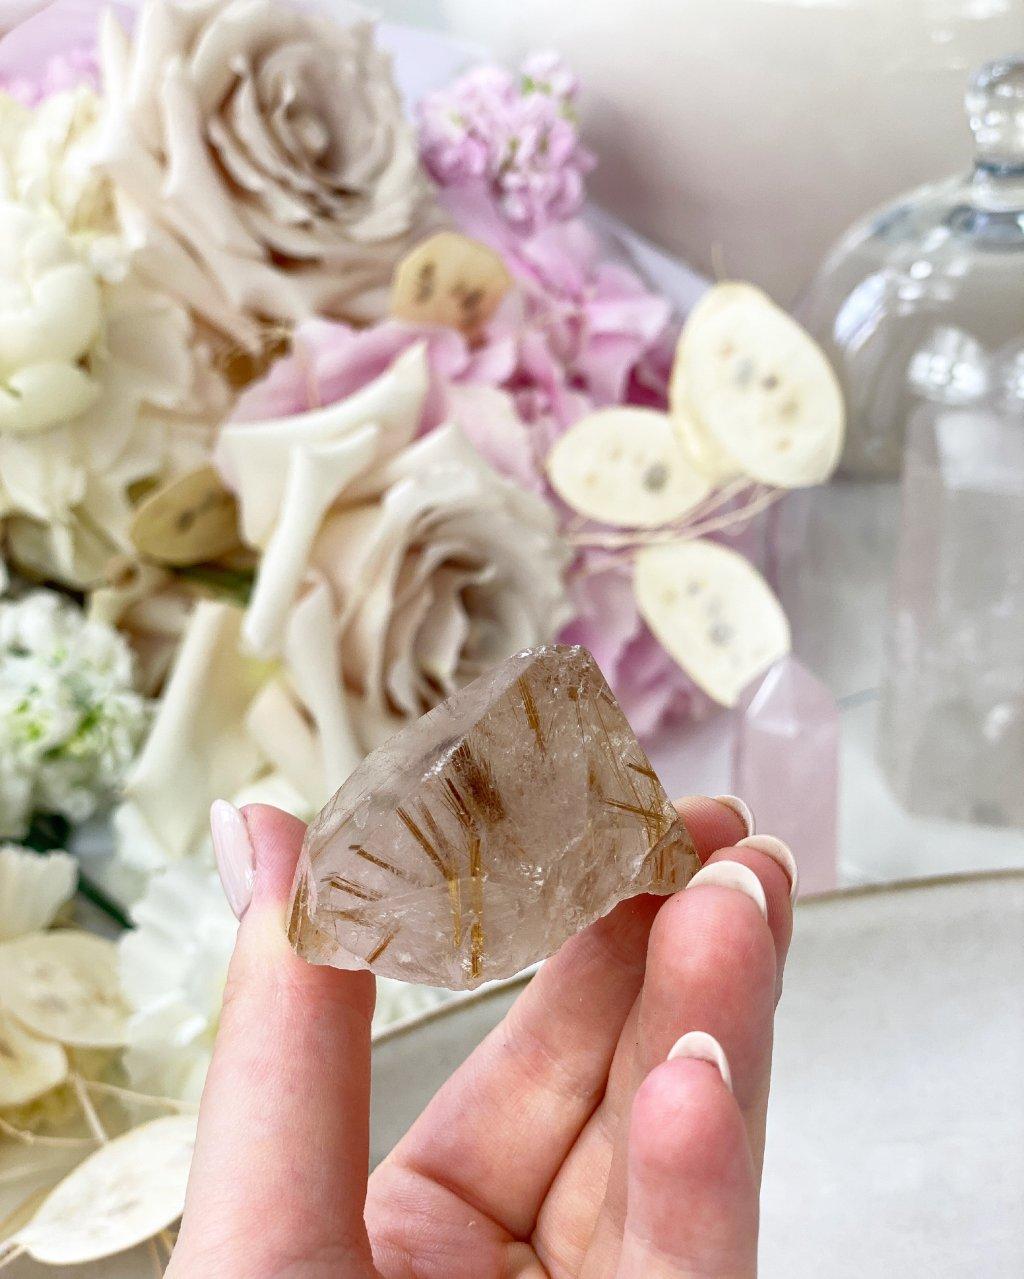 Krystal záhnědy a sagenitu Brazílie 66g